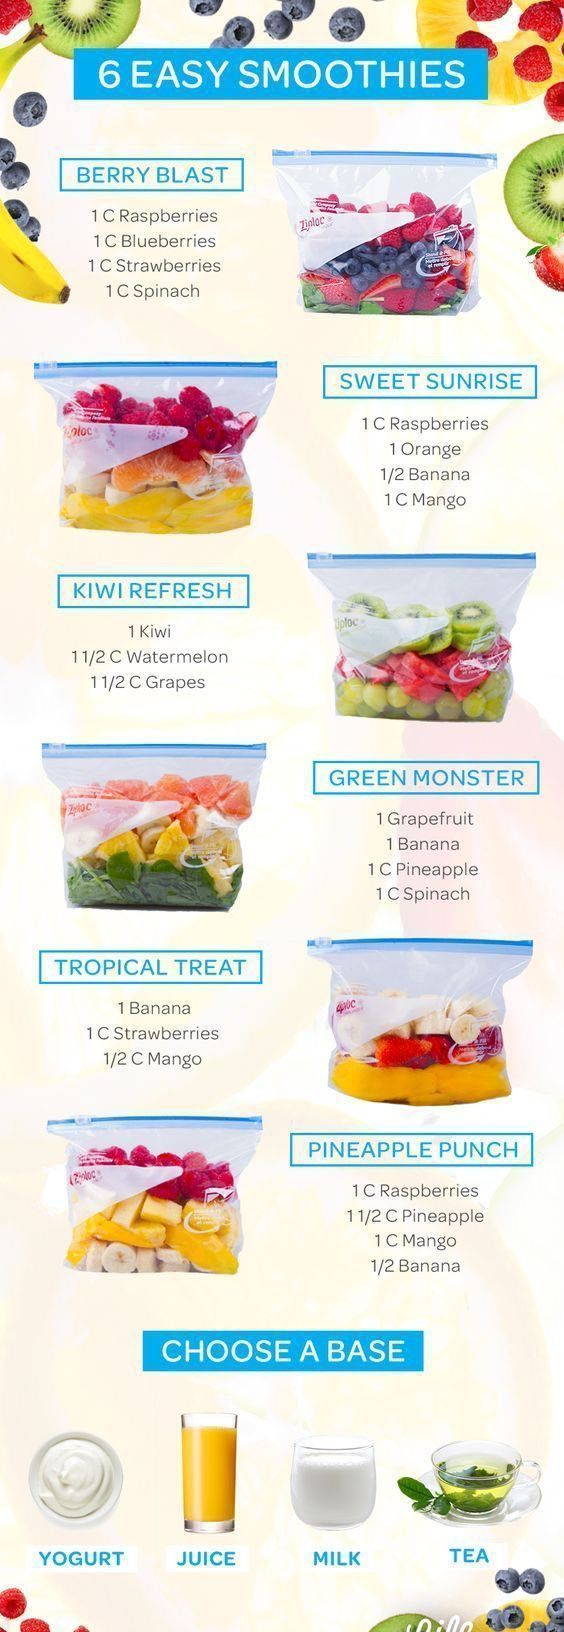 Diese Smoothie-Rezepte sind perfekt für gesunde Gewichtsabnahme-Ziele! #DetoxPlanLink